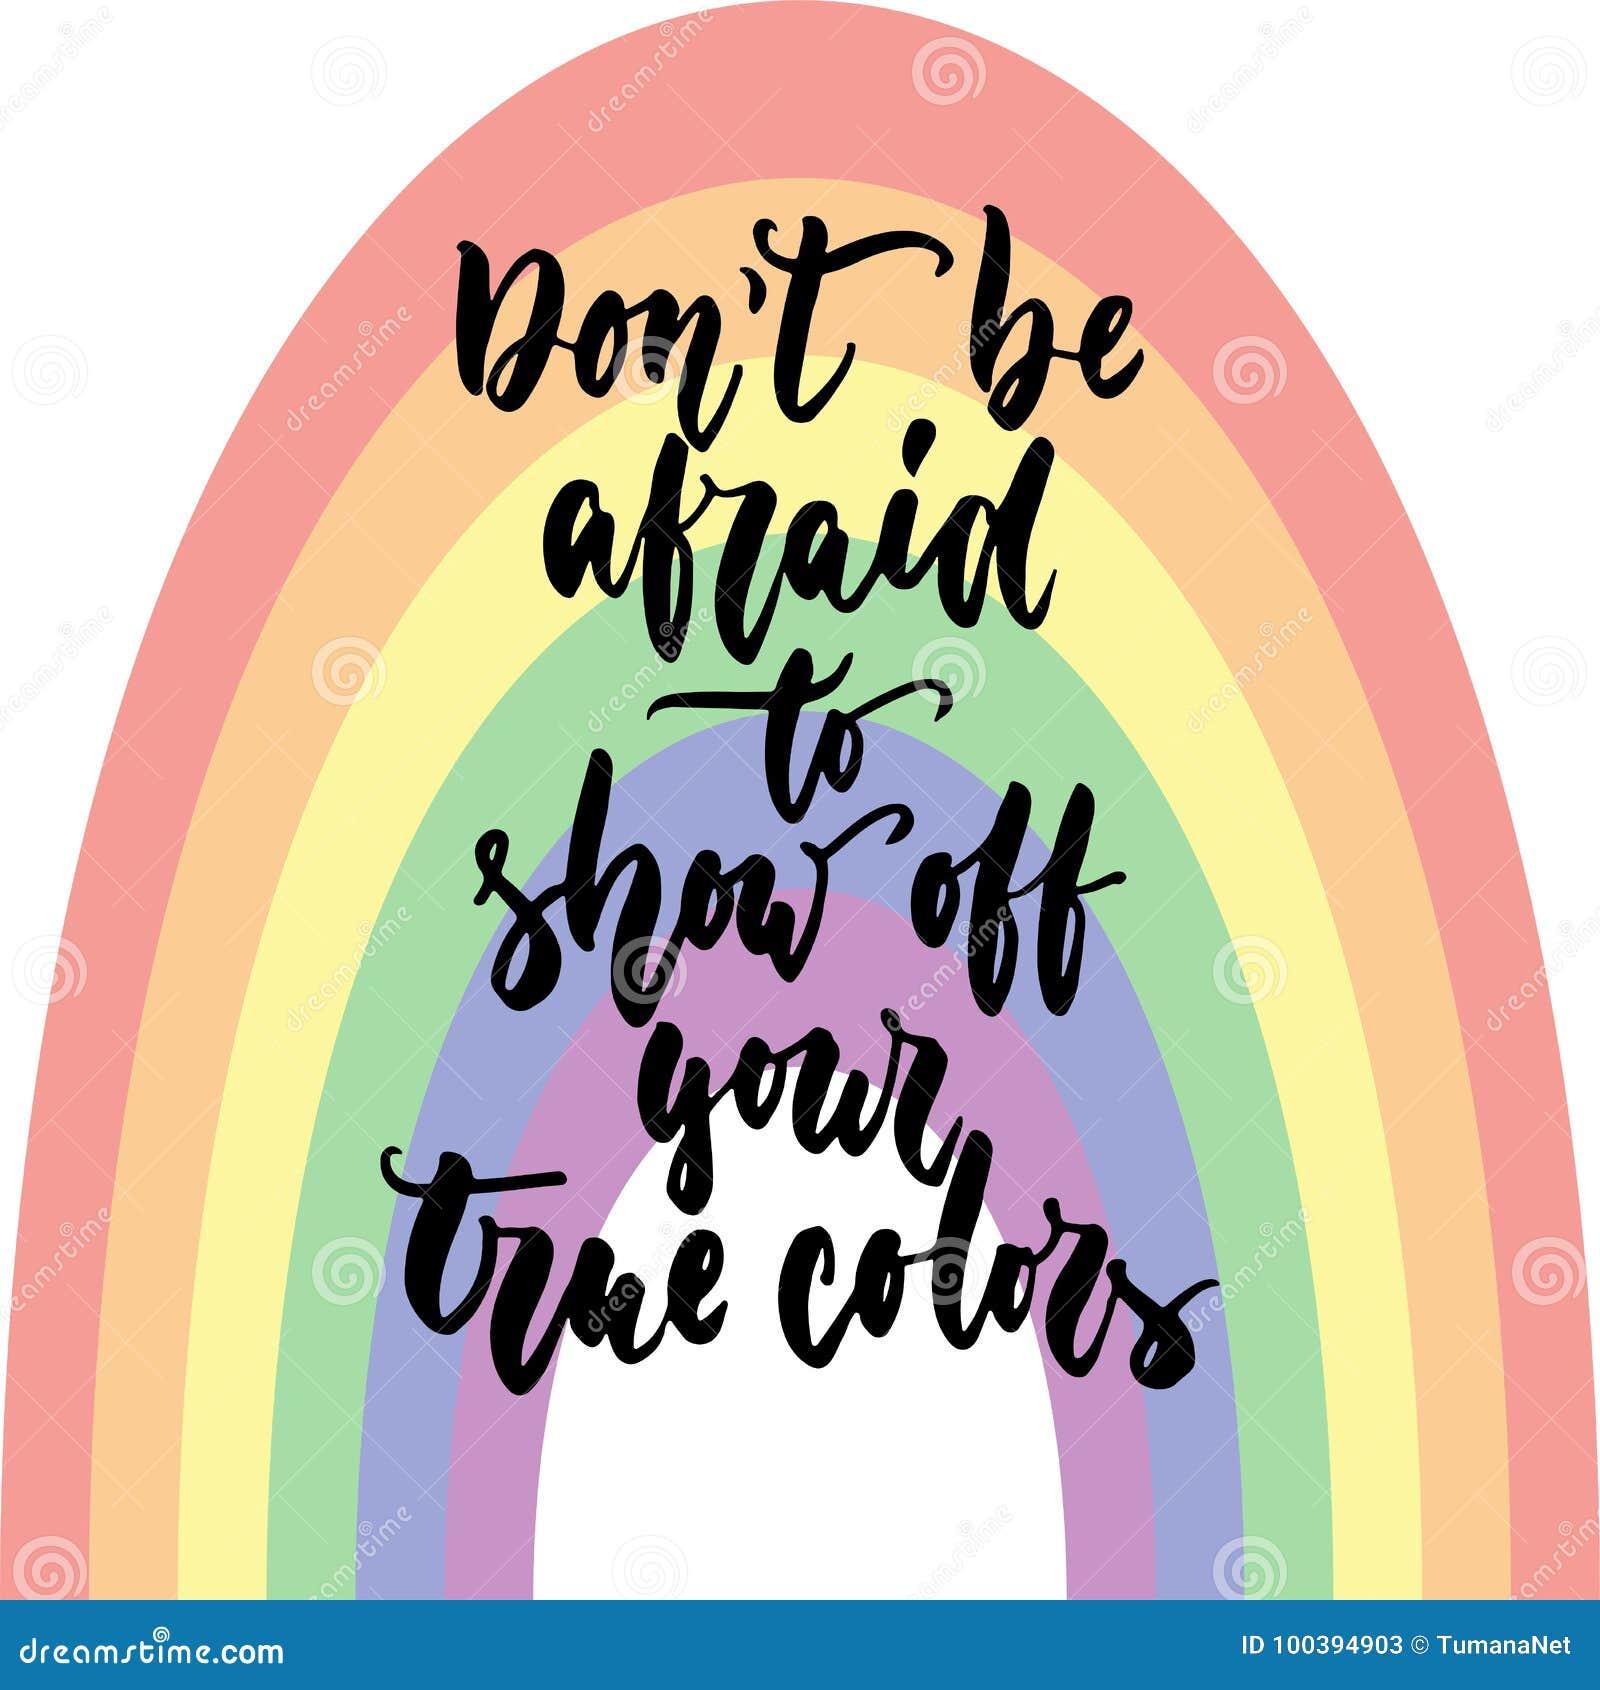 El ` t de Don tenga miedo de mostrar a yout los colores verdaderos - cita dibujada mano de las letras del lema de LGBT aislada en